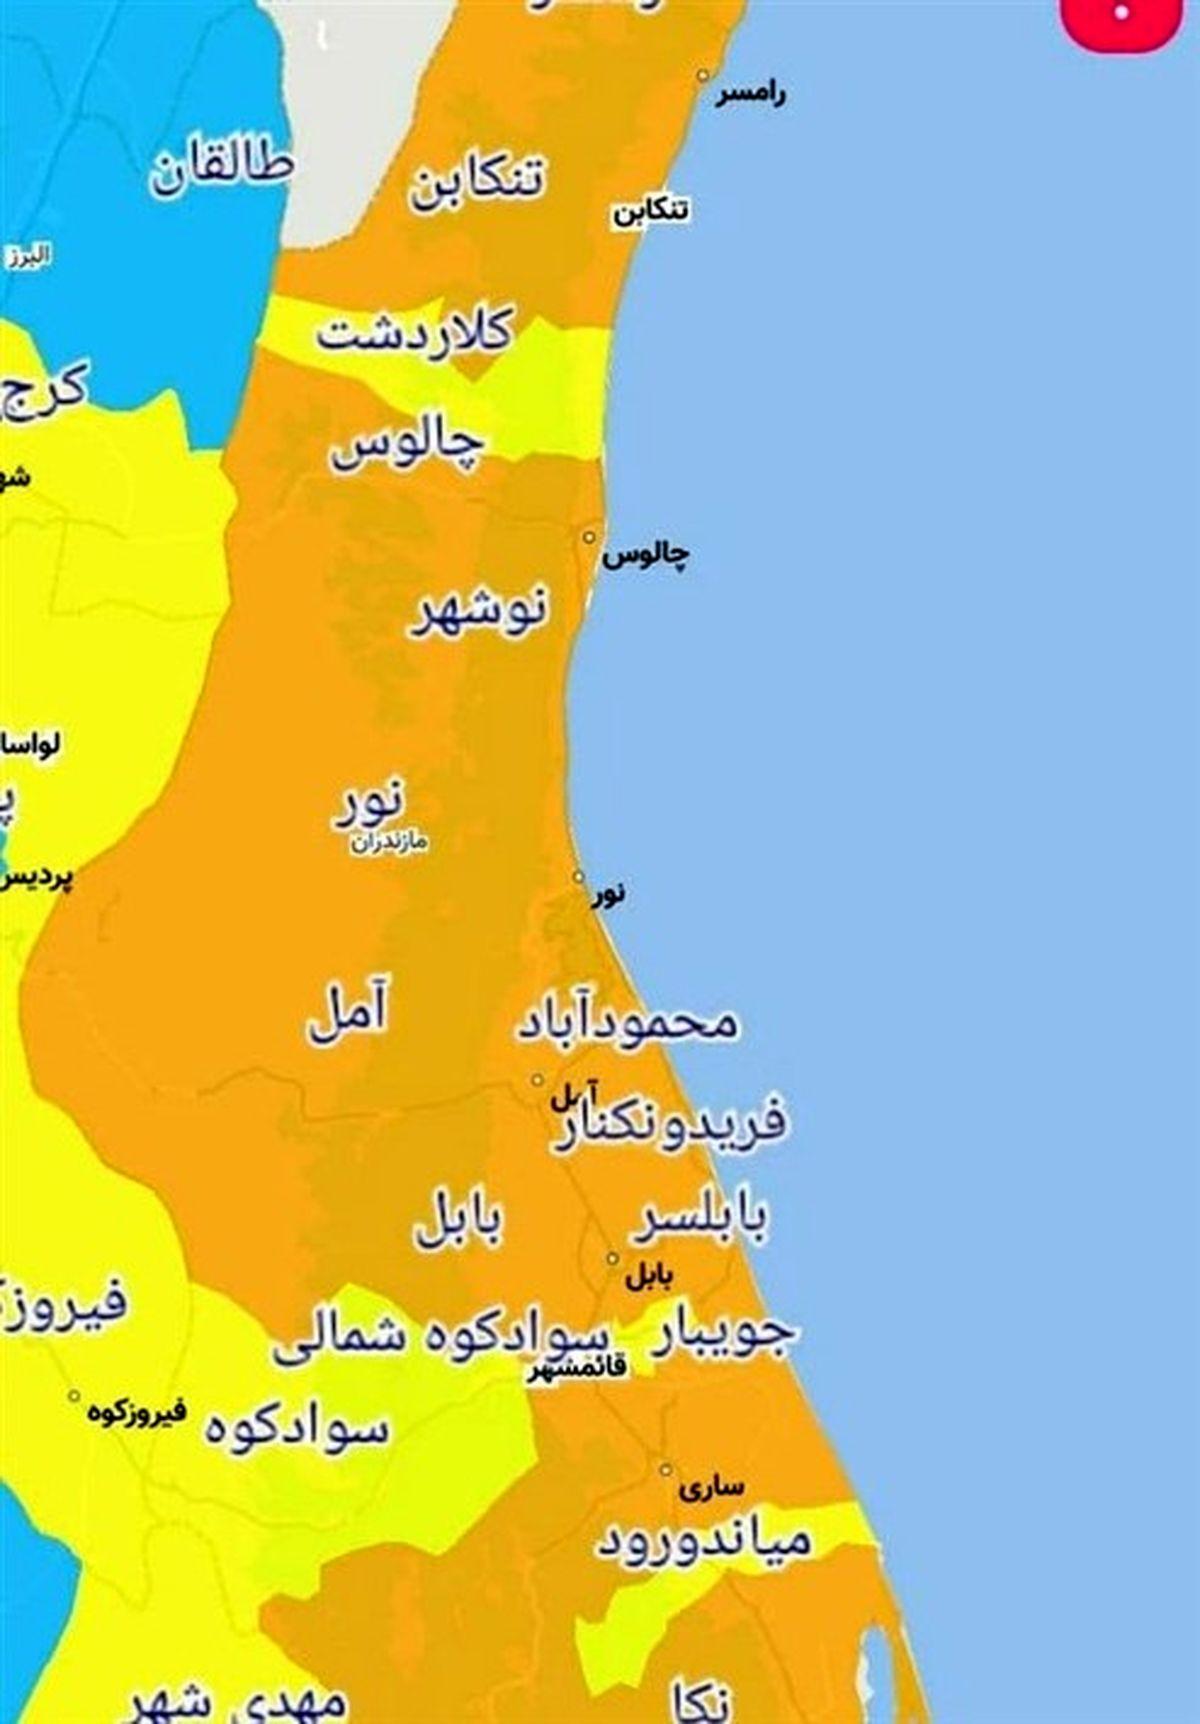 سفر به مازندران همچنان ممنوع